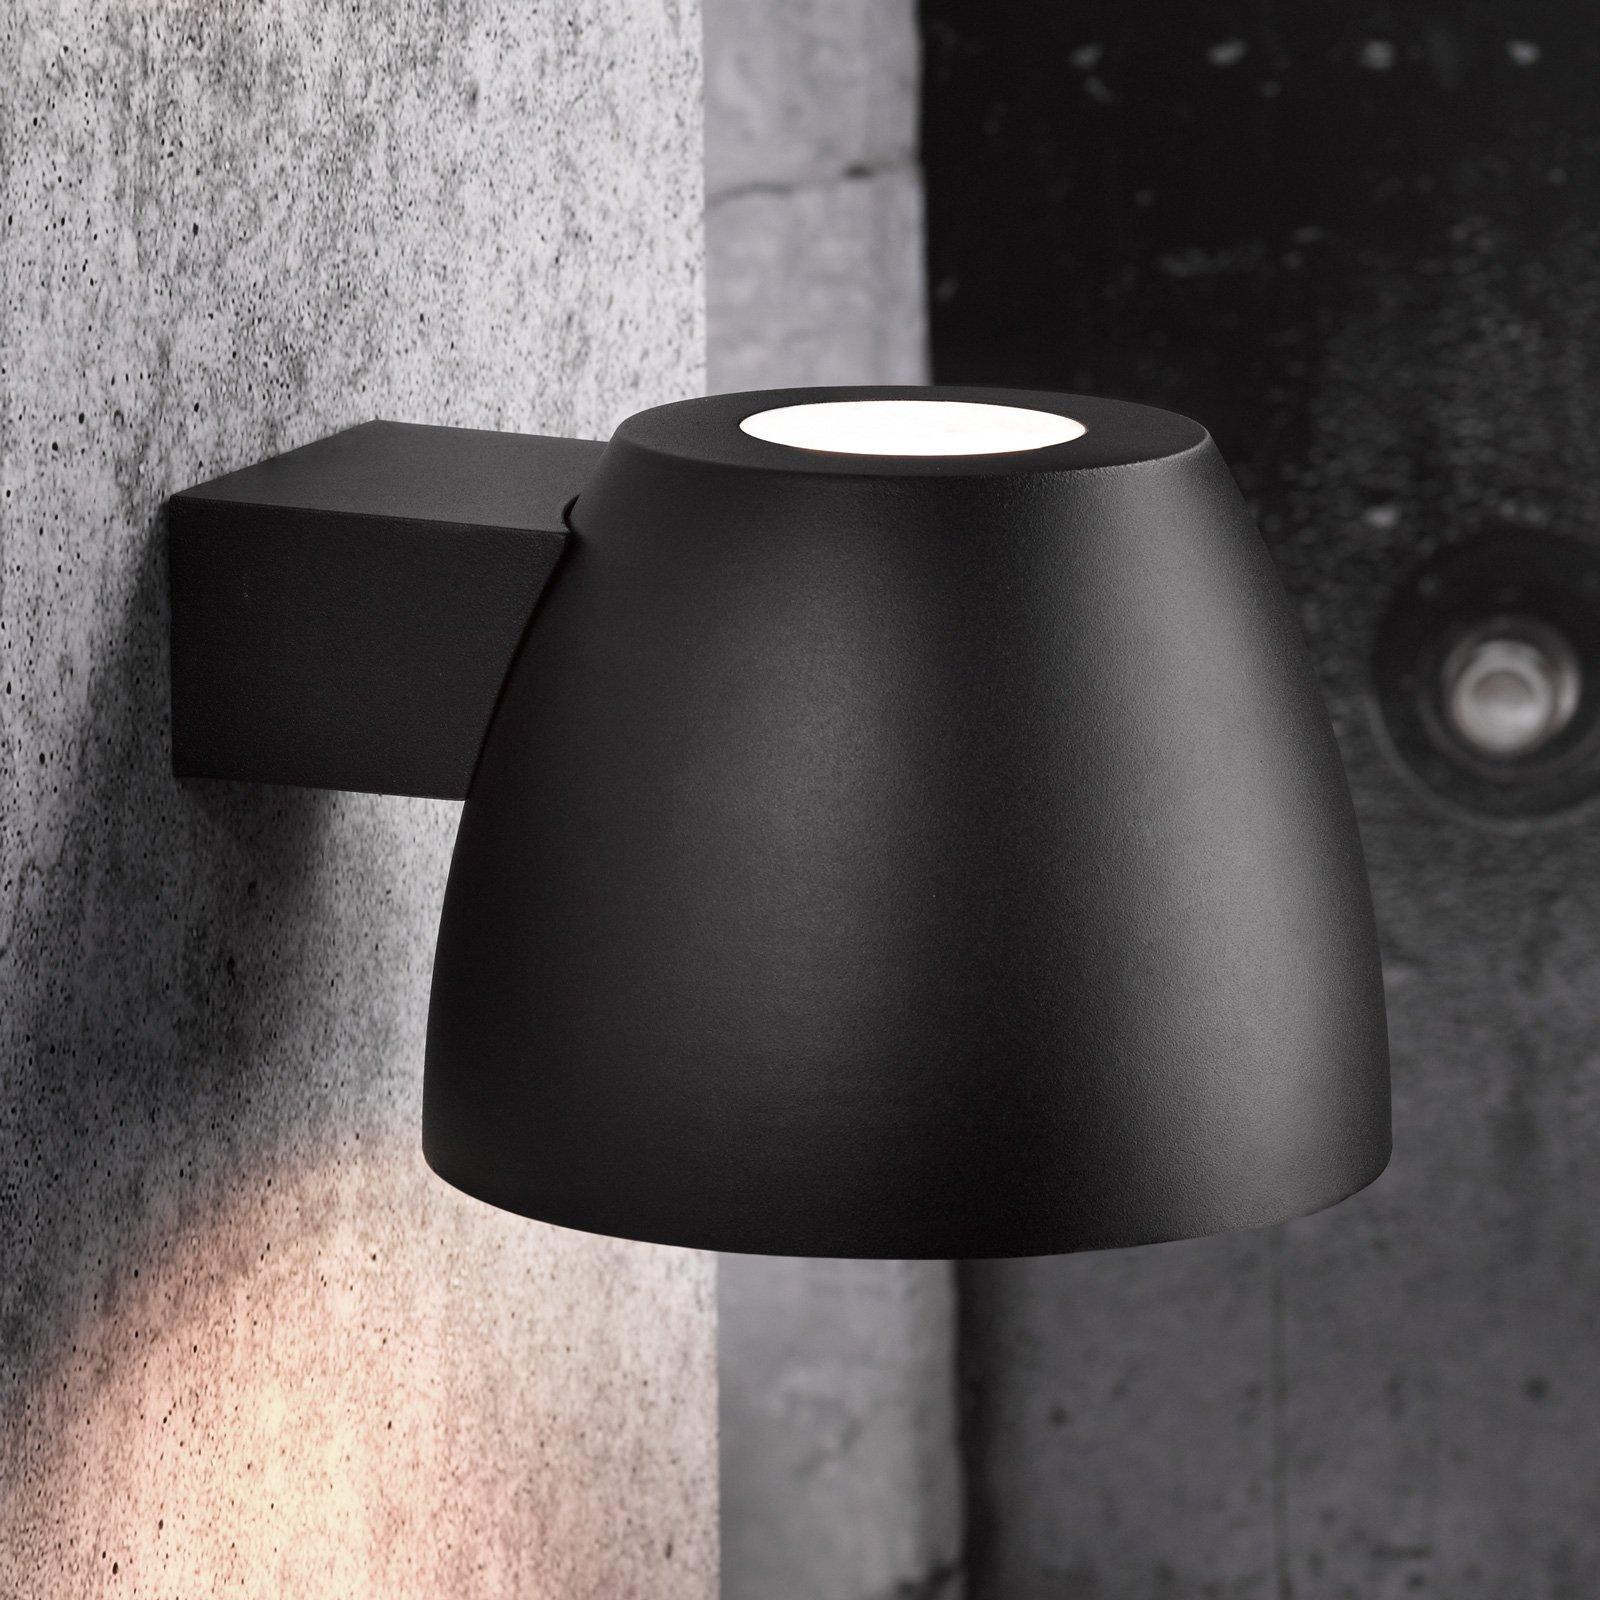 Utendørs vegglampe Bell av aluminium i svart